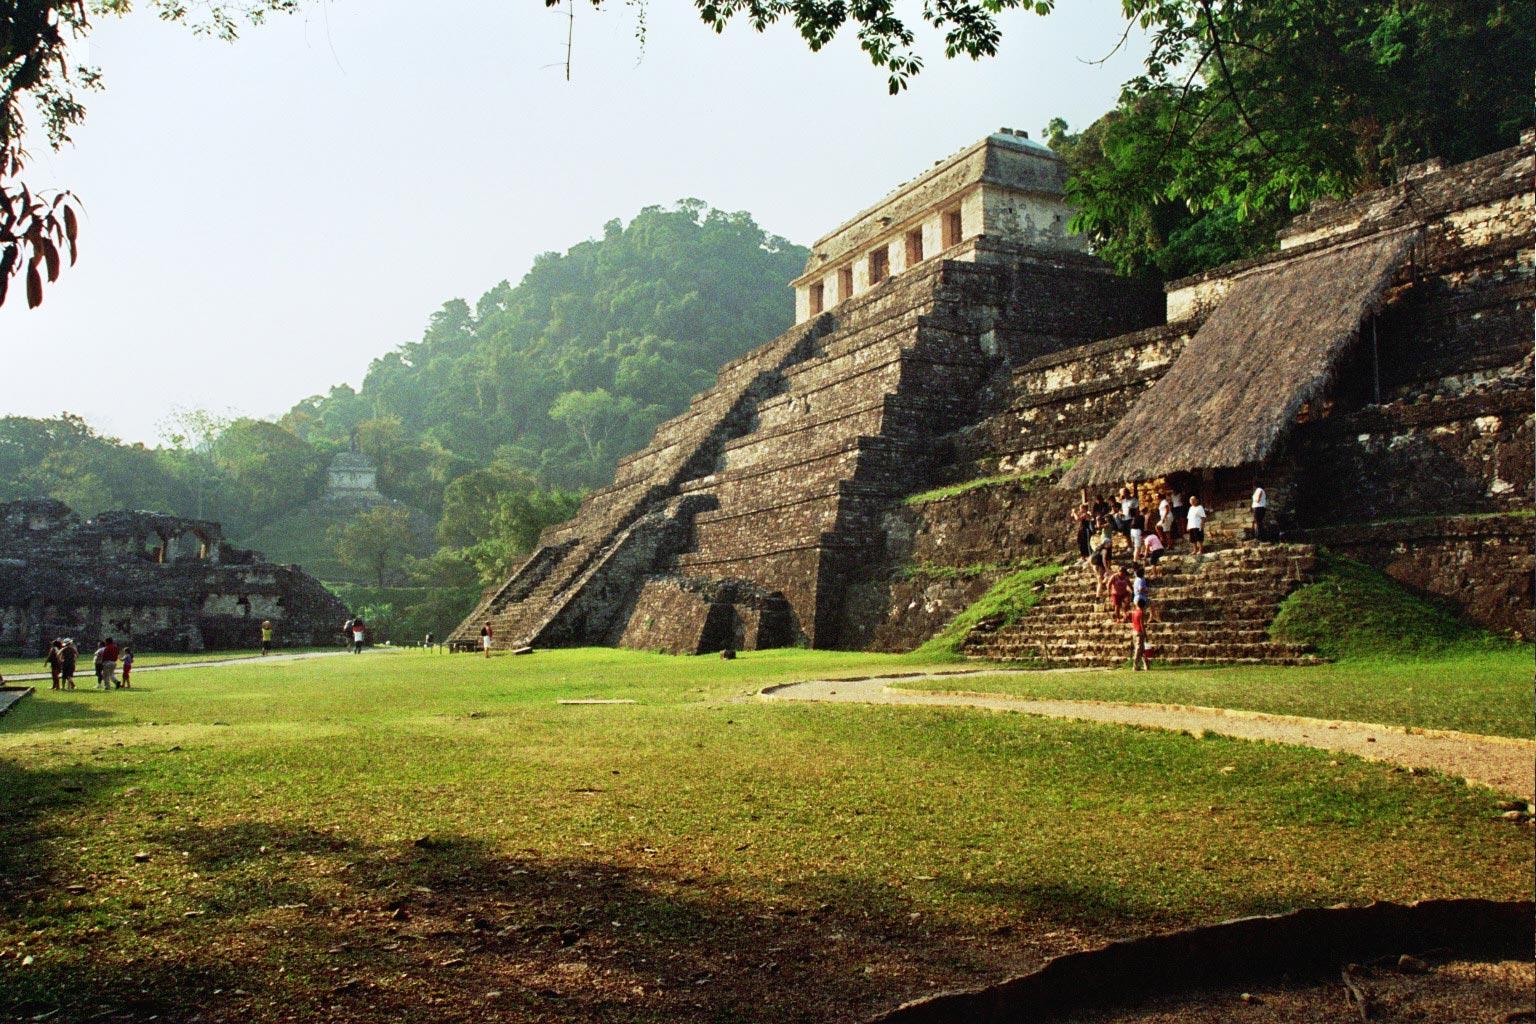 פירמידה באתר המאיה בפאלנקה, מחוז צ'יאפס, מקסיקו